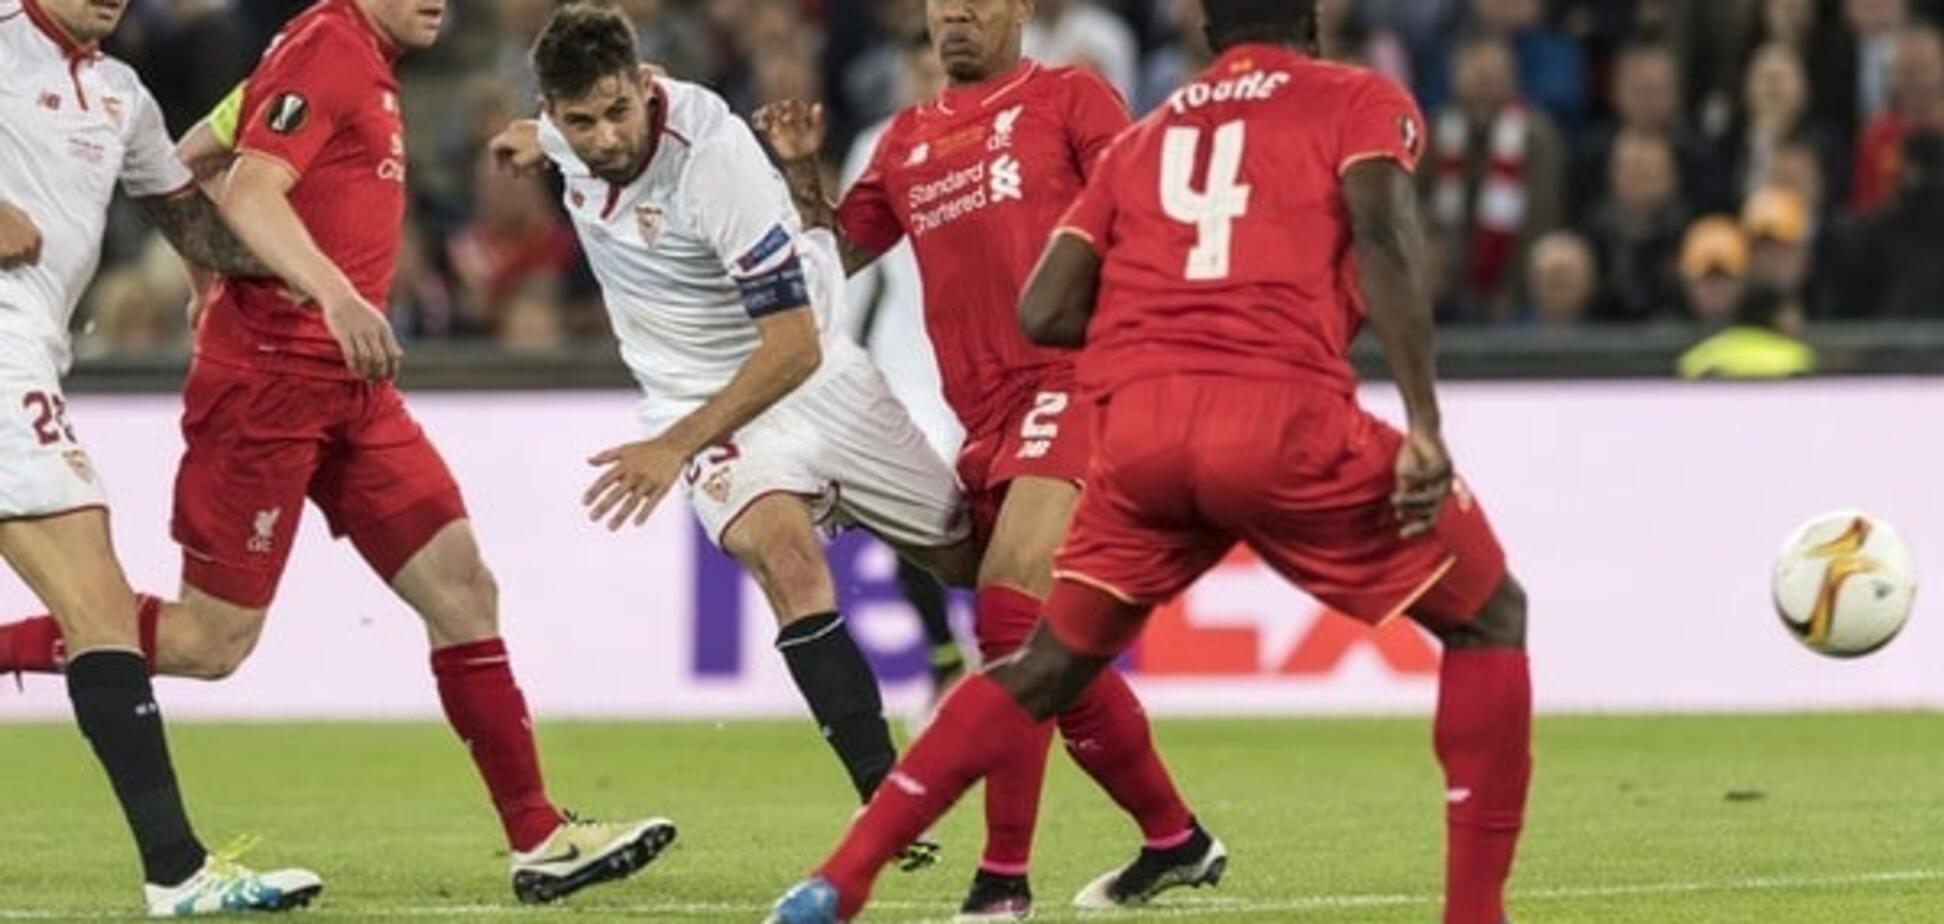 'Севілья' забила фантастичний гол 'Ліверпулю' у фіналі Ліги Європи